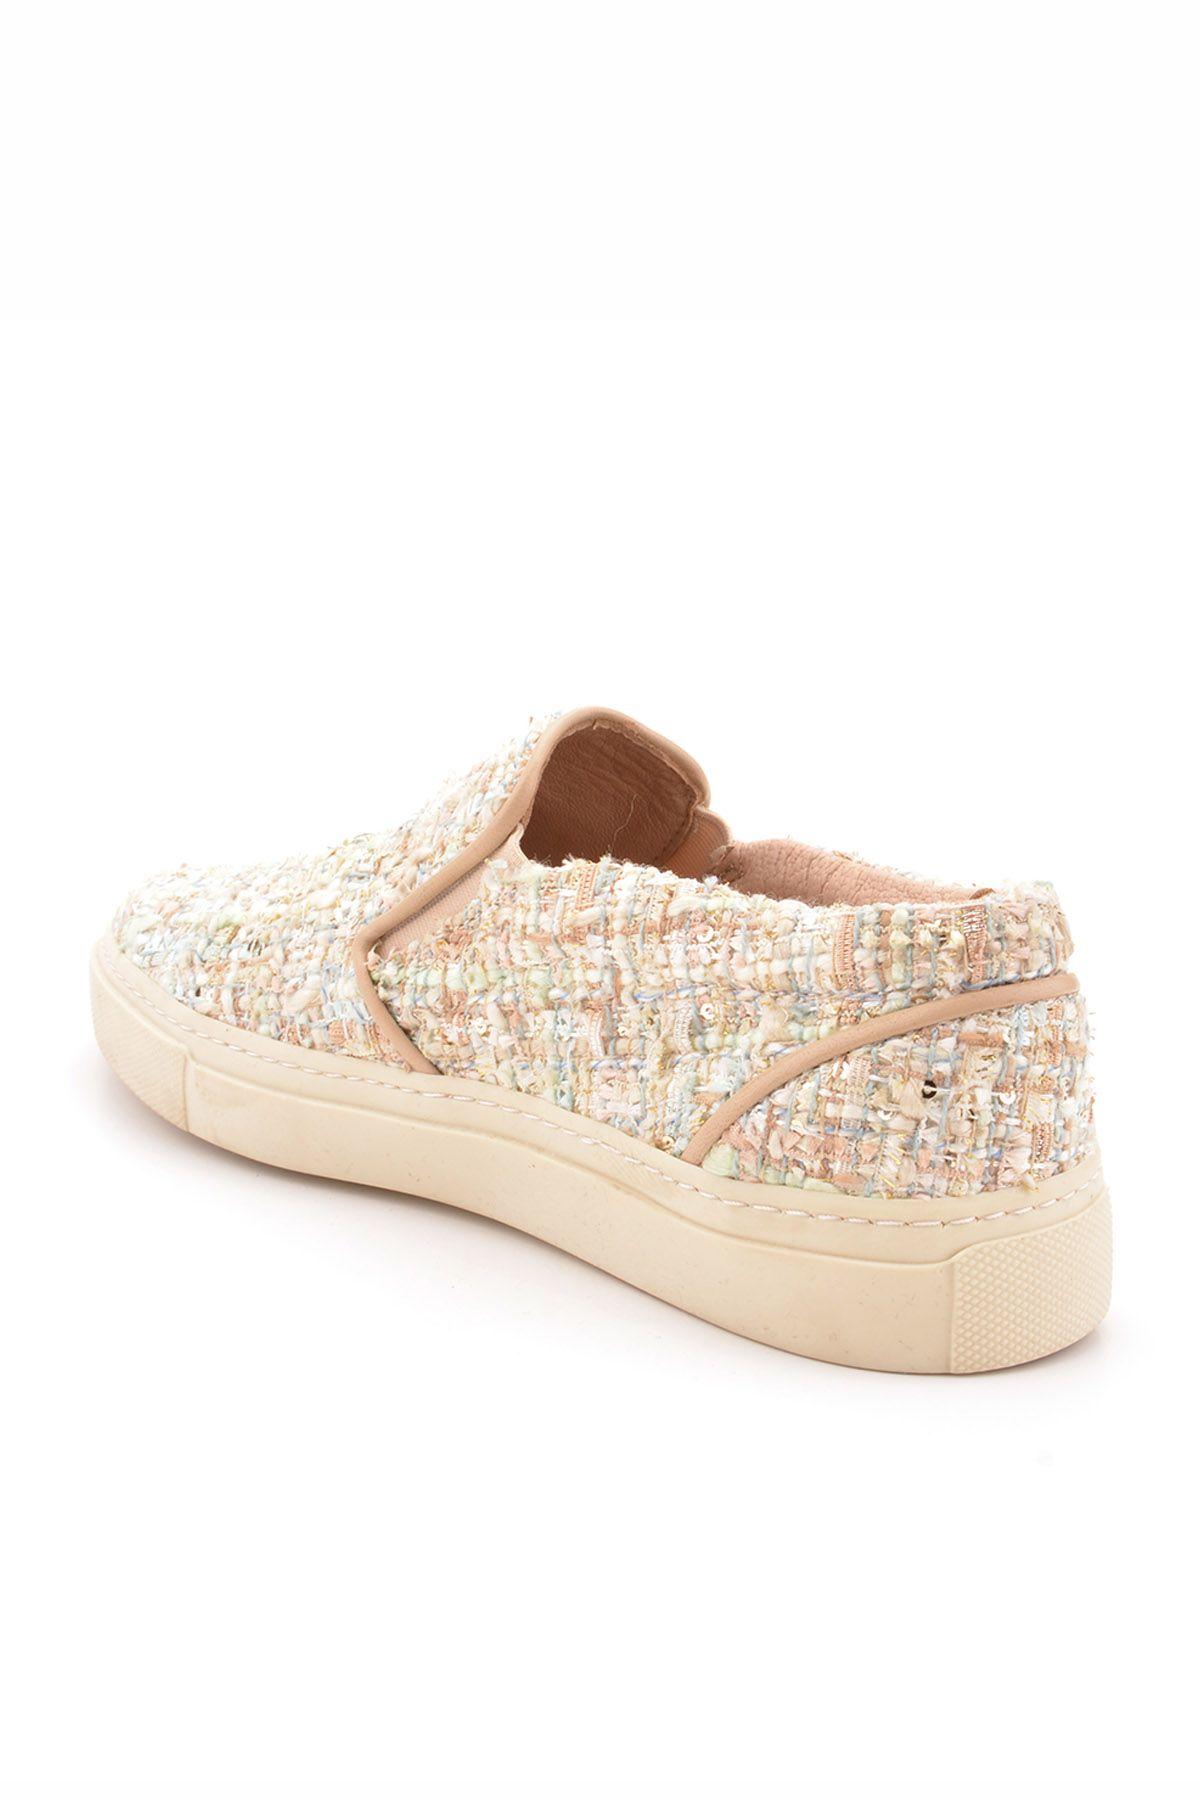 Pegia Fancy İçi Deri Kumaş Kaplamalı Sneaker Krem